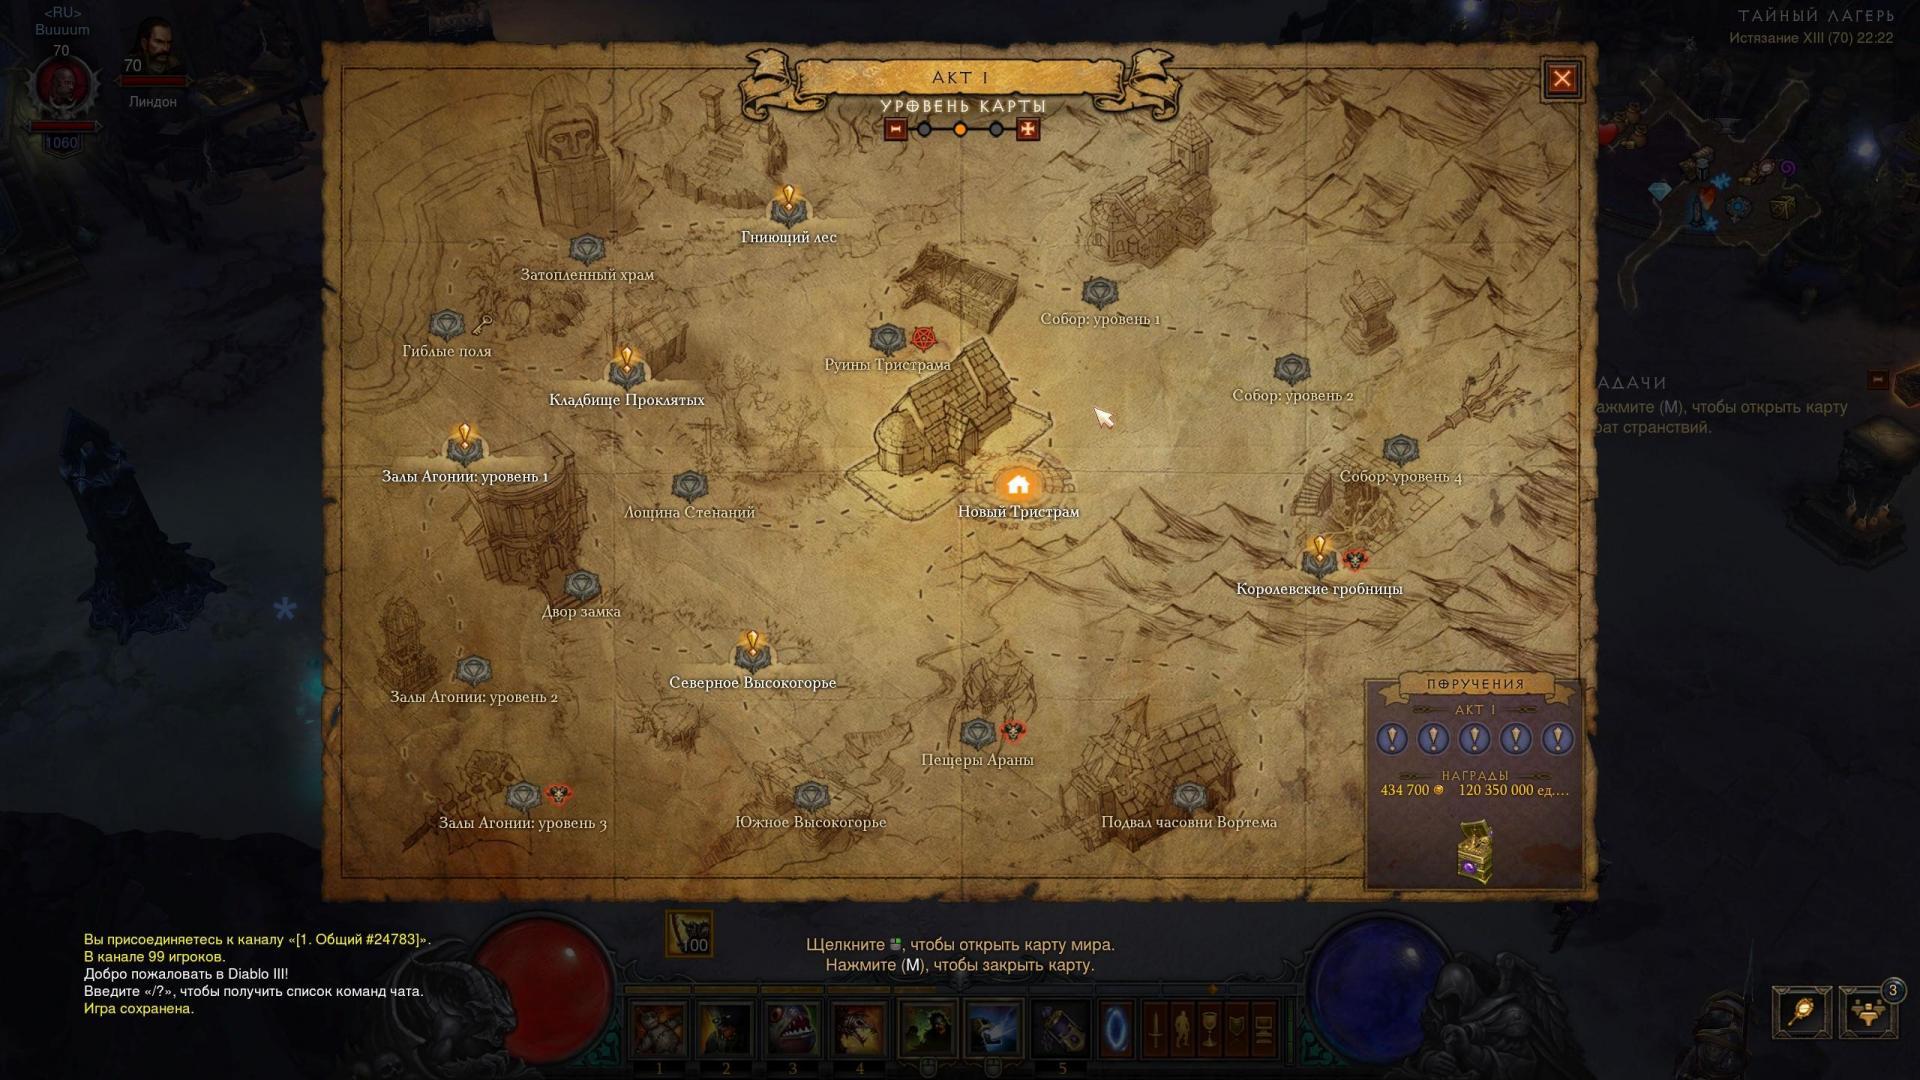 Новогоднее событие в Diablo III: что нужно делать, чтобы собрать все бонусы